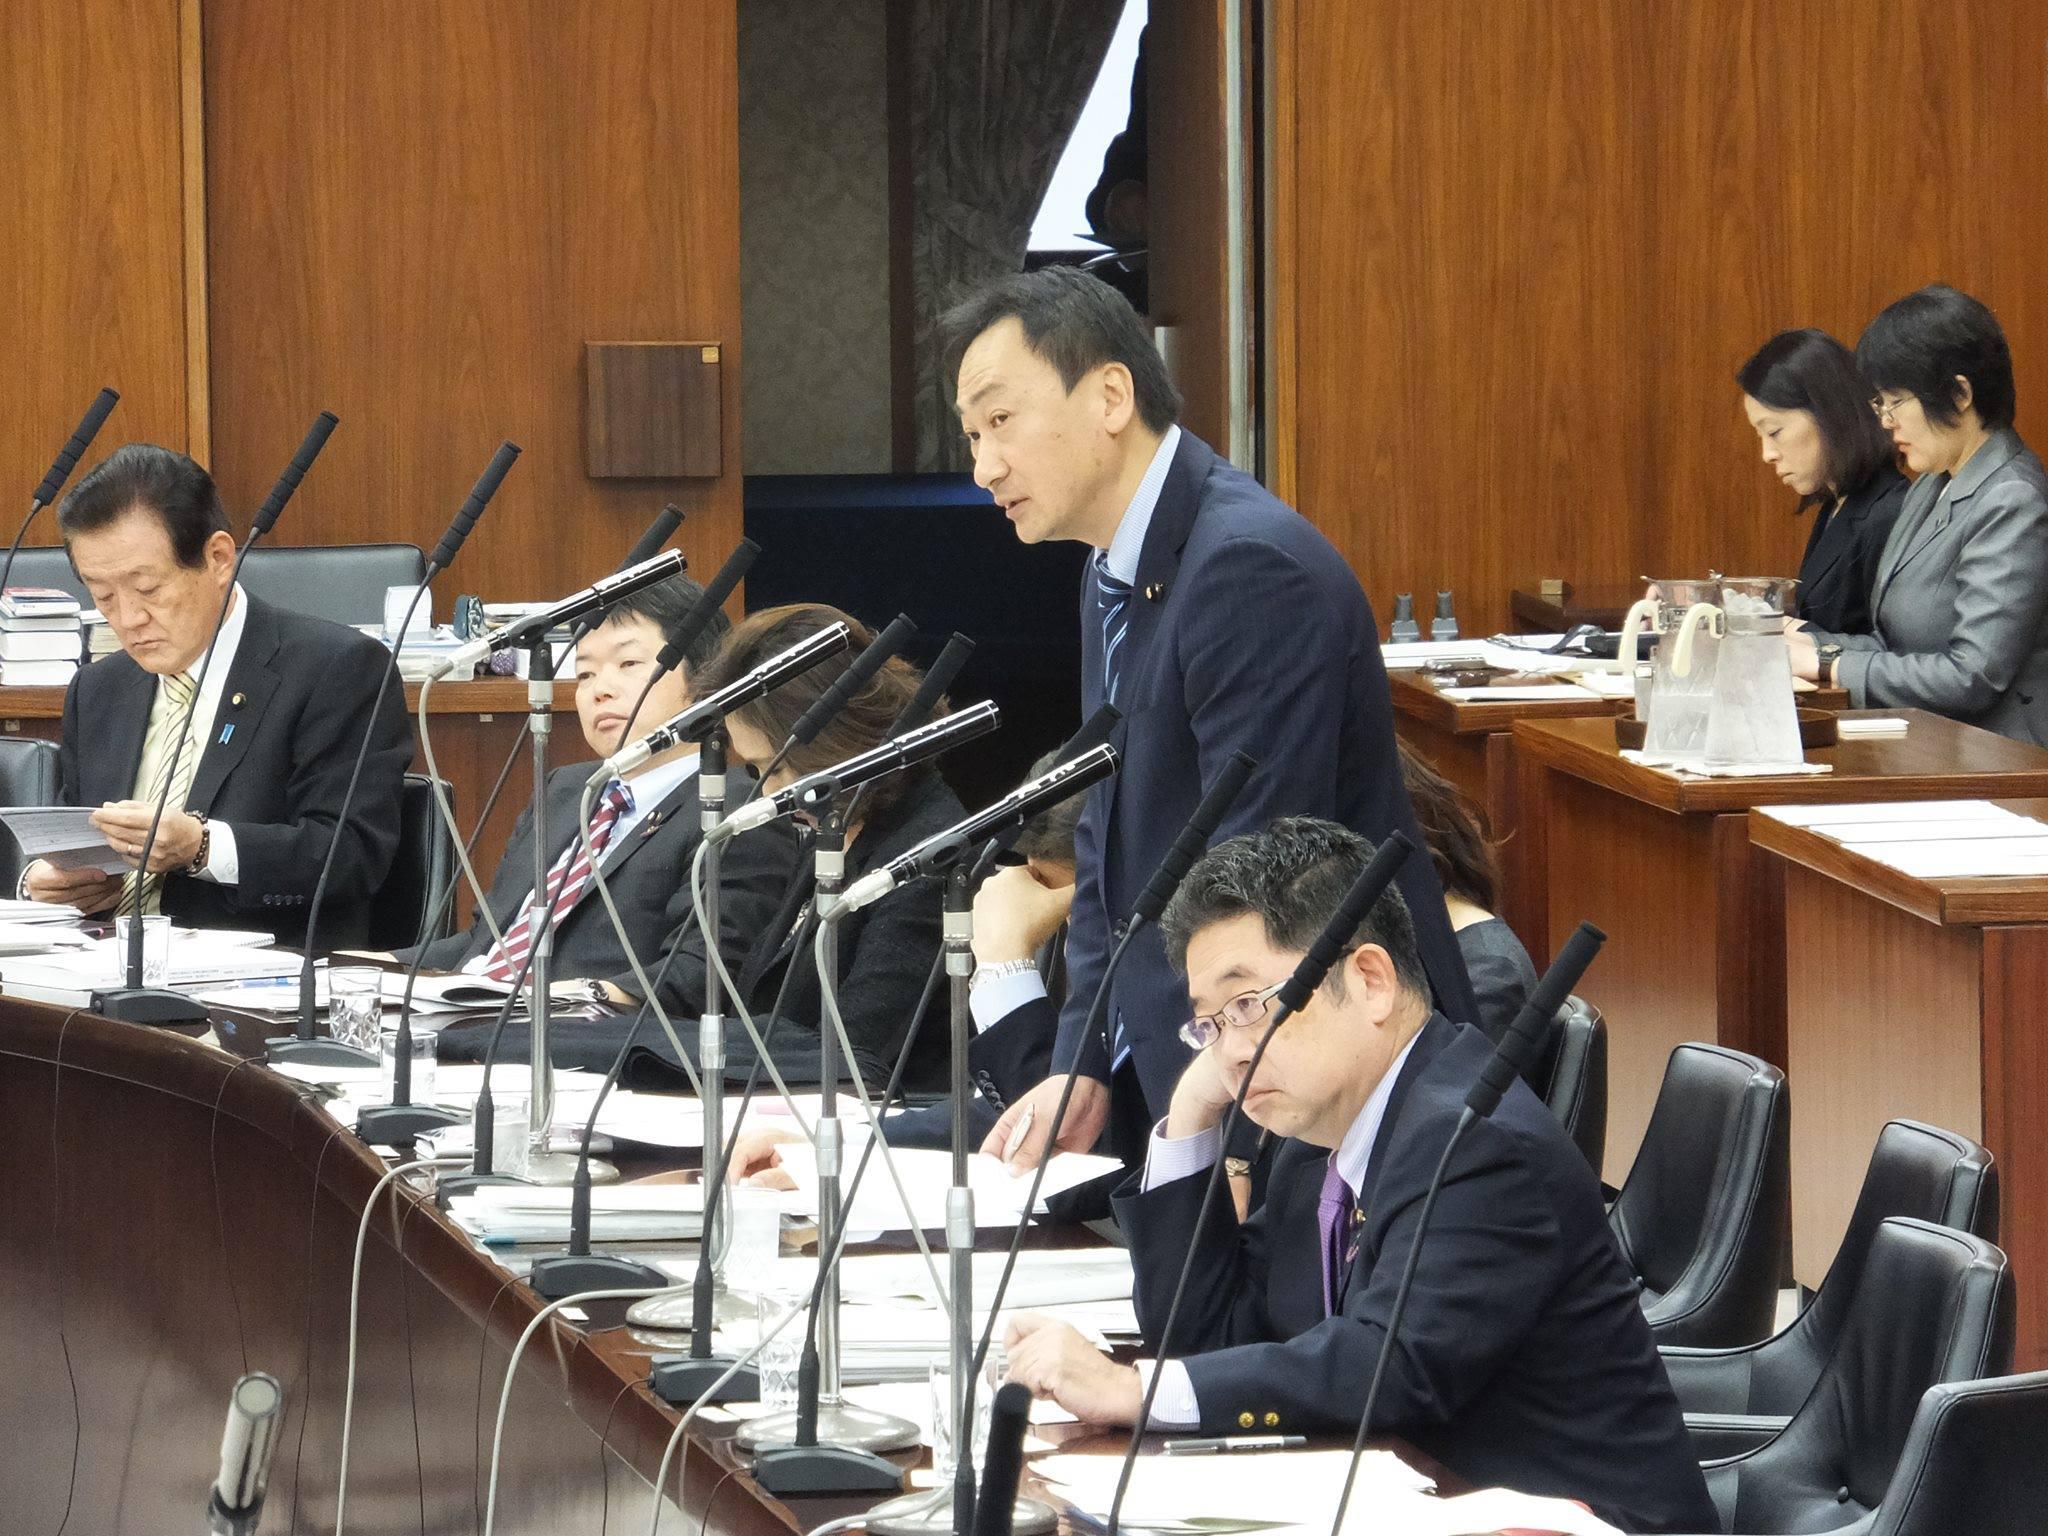 2014.11.11 厚生労働委員会